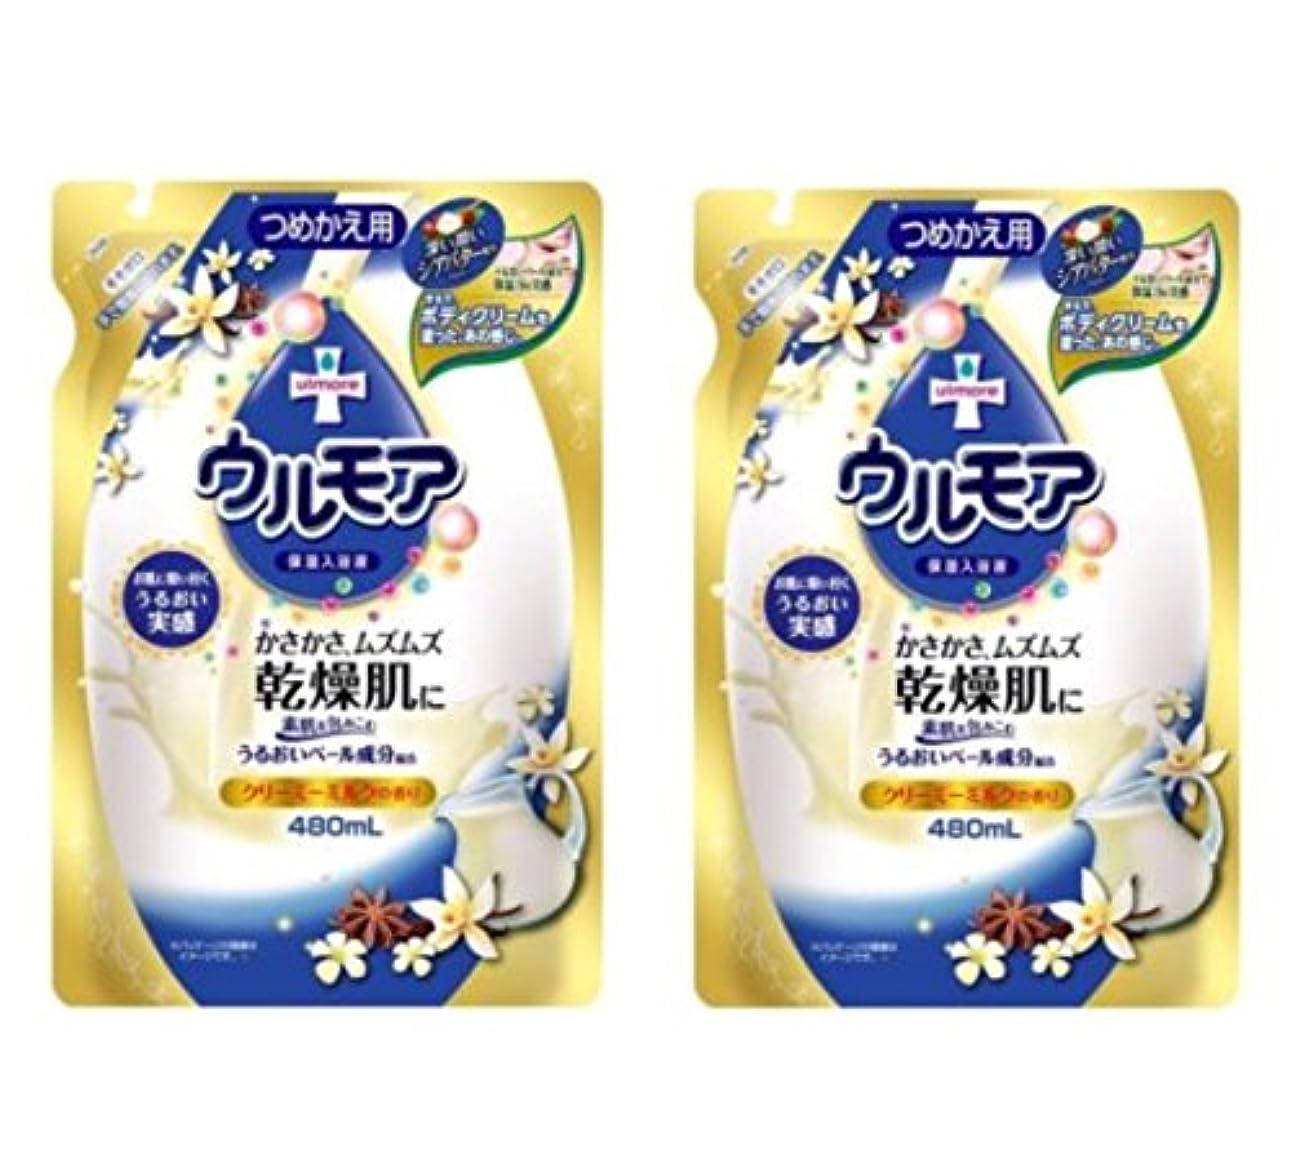 小道具扱いやすいデンマーク語アース製薬 保湿入浴液 ウルモア クリーミーミルク詰替 480ml×2個セット